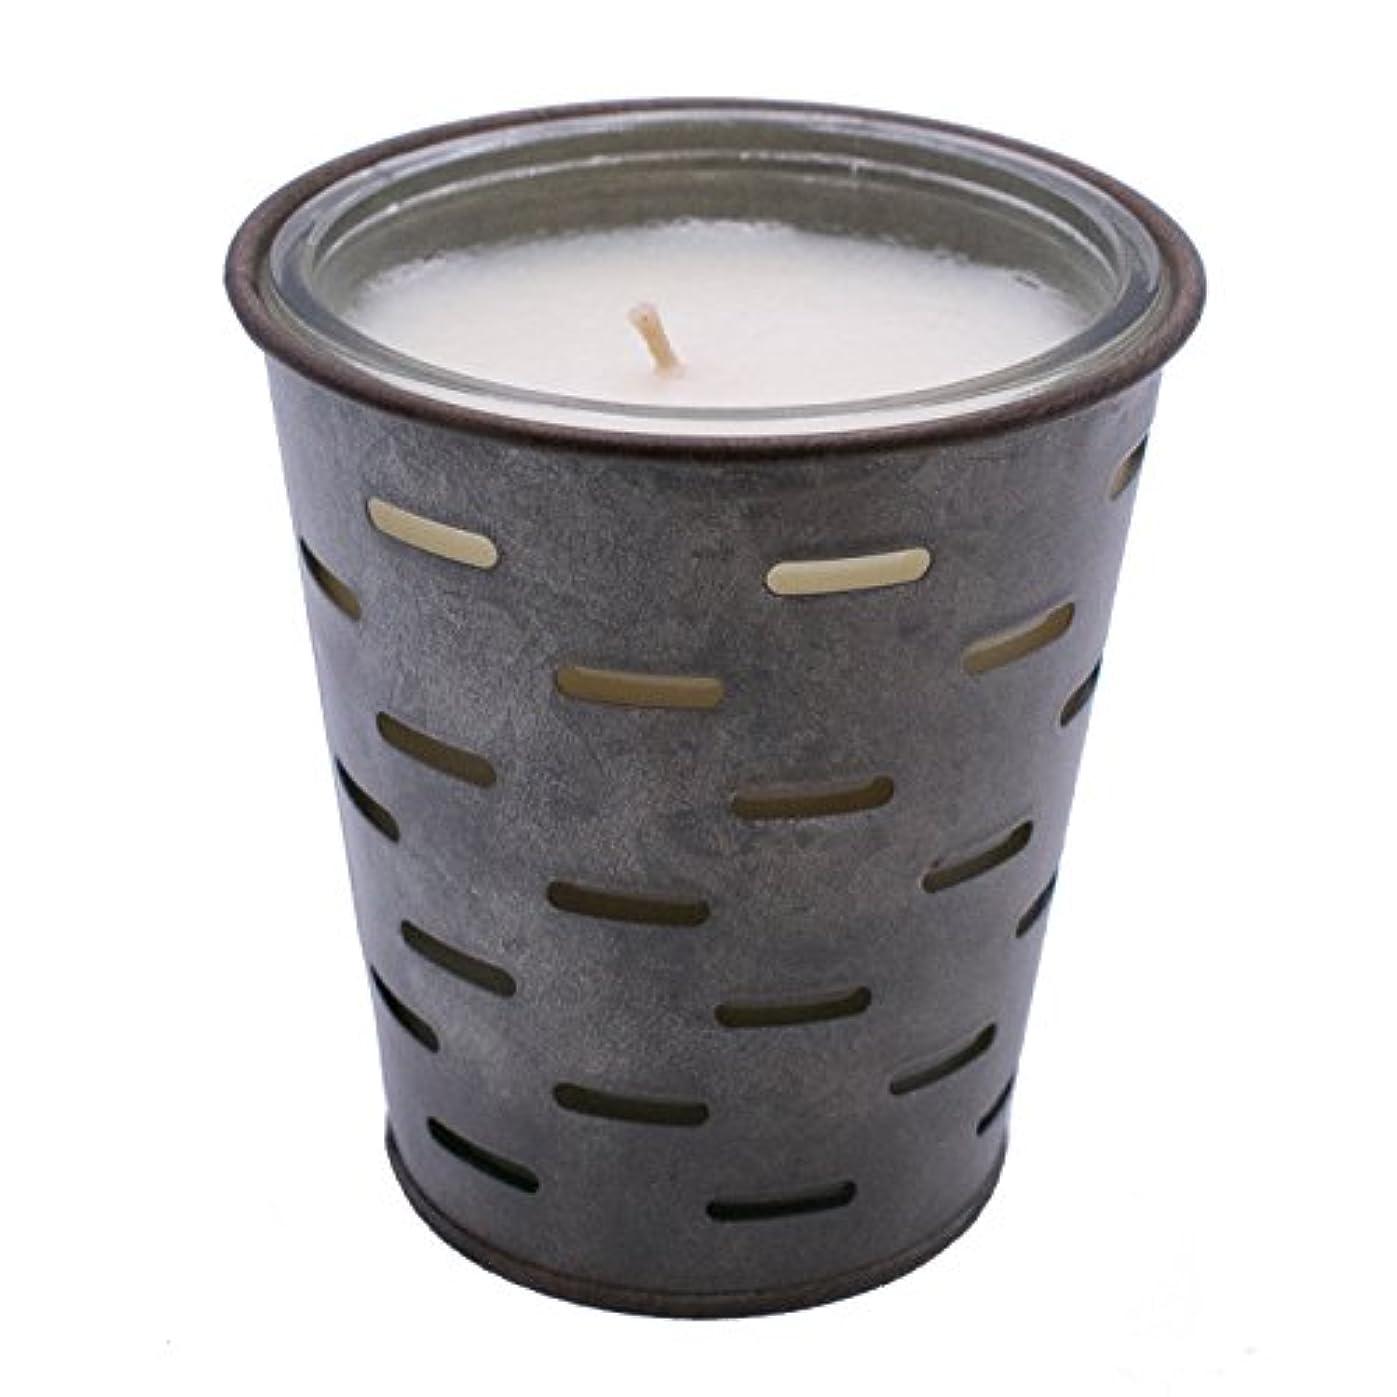 億クローゼット退院Sweetオリーブ、オリーブバケットFragrance Candle優れ、香り、ガラスJar in Tin Pot亜鉛メッキ、13oz